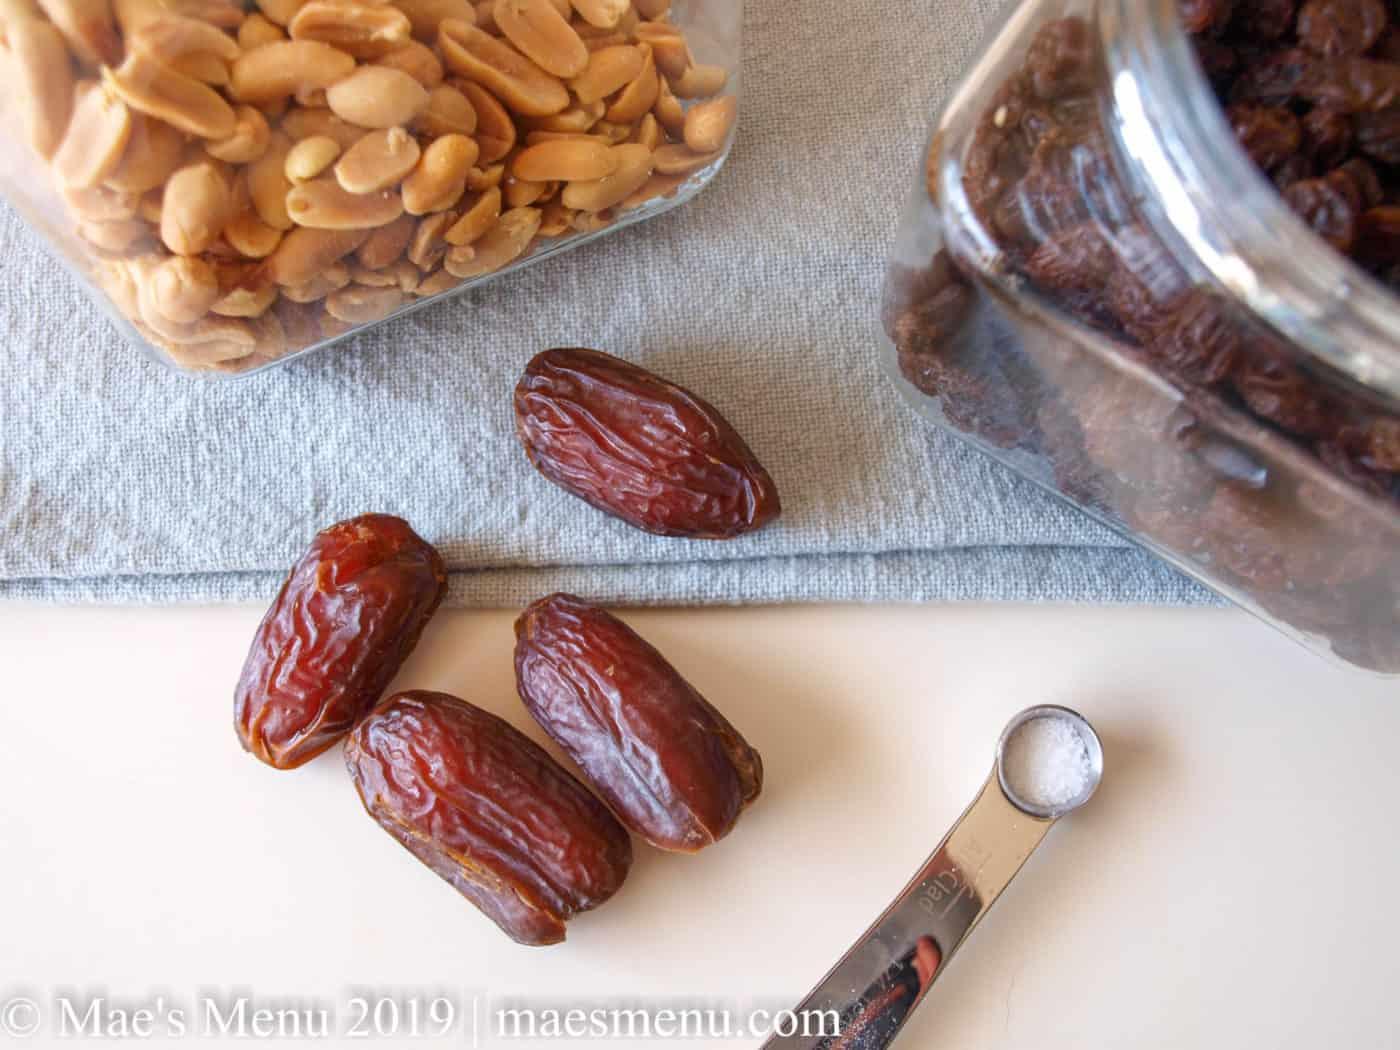 Clear glass jars of peanuts, raisins, dates, and salt.